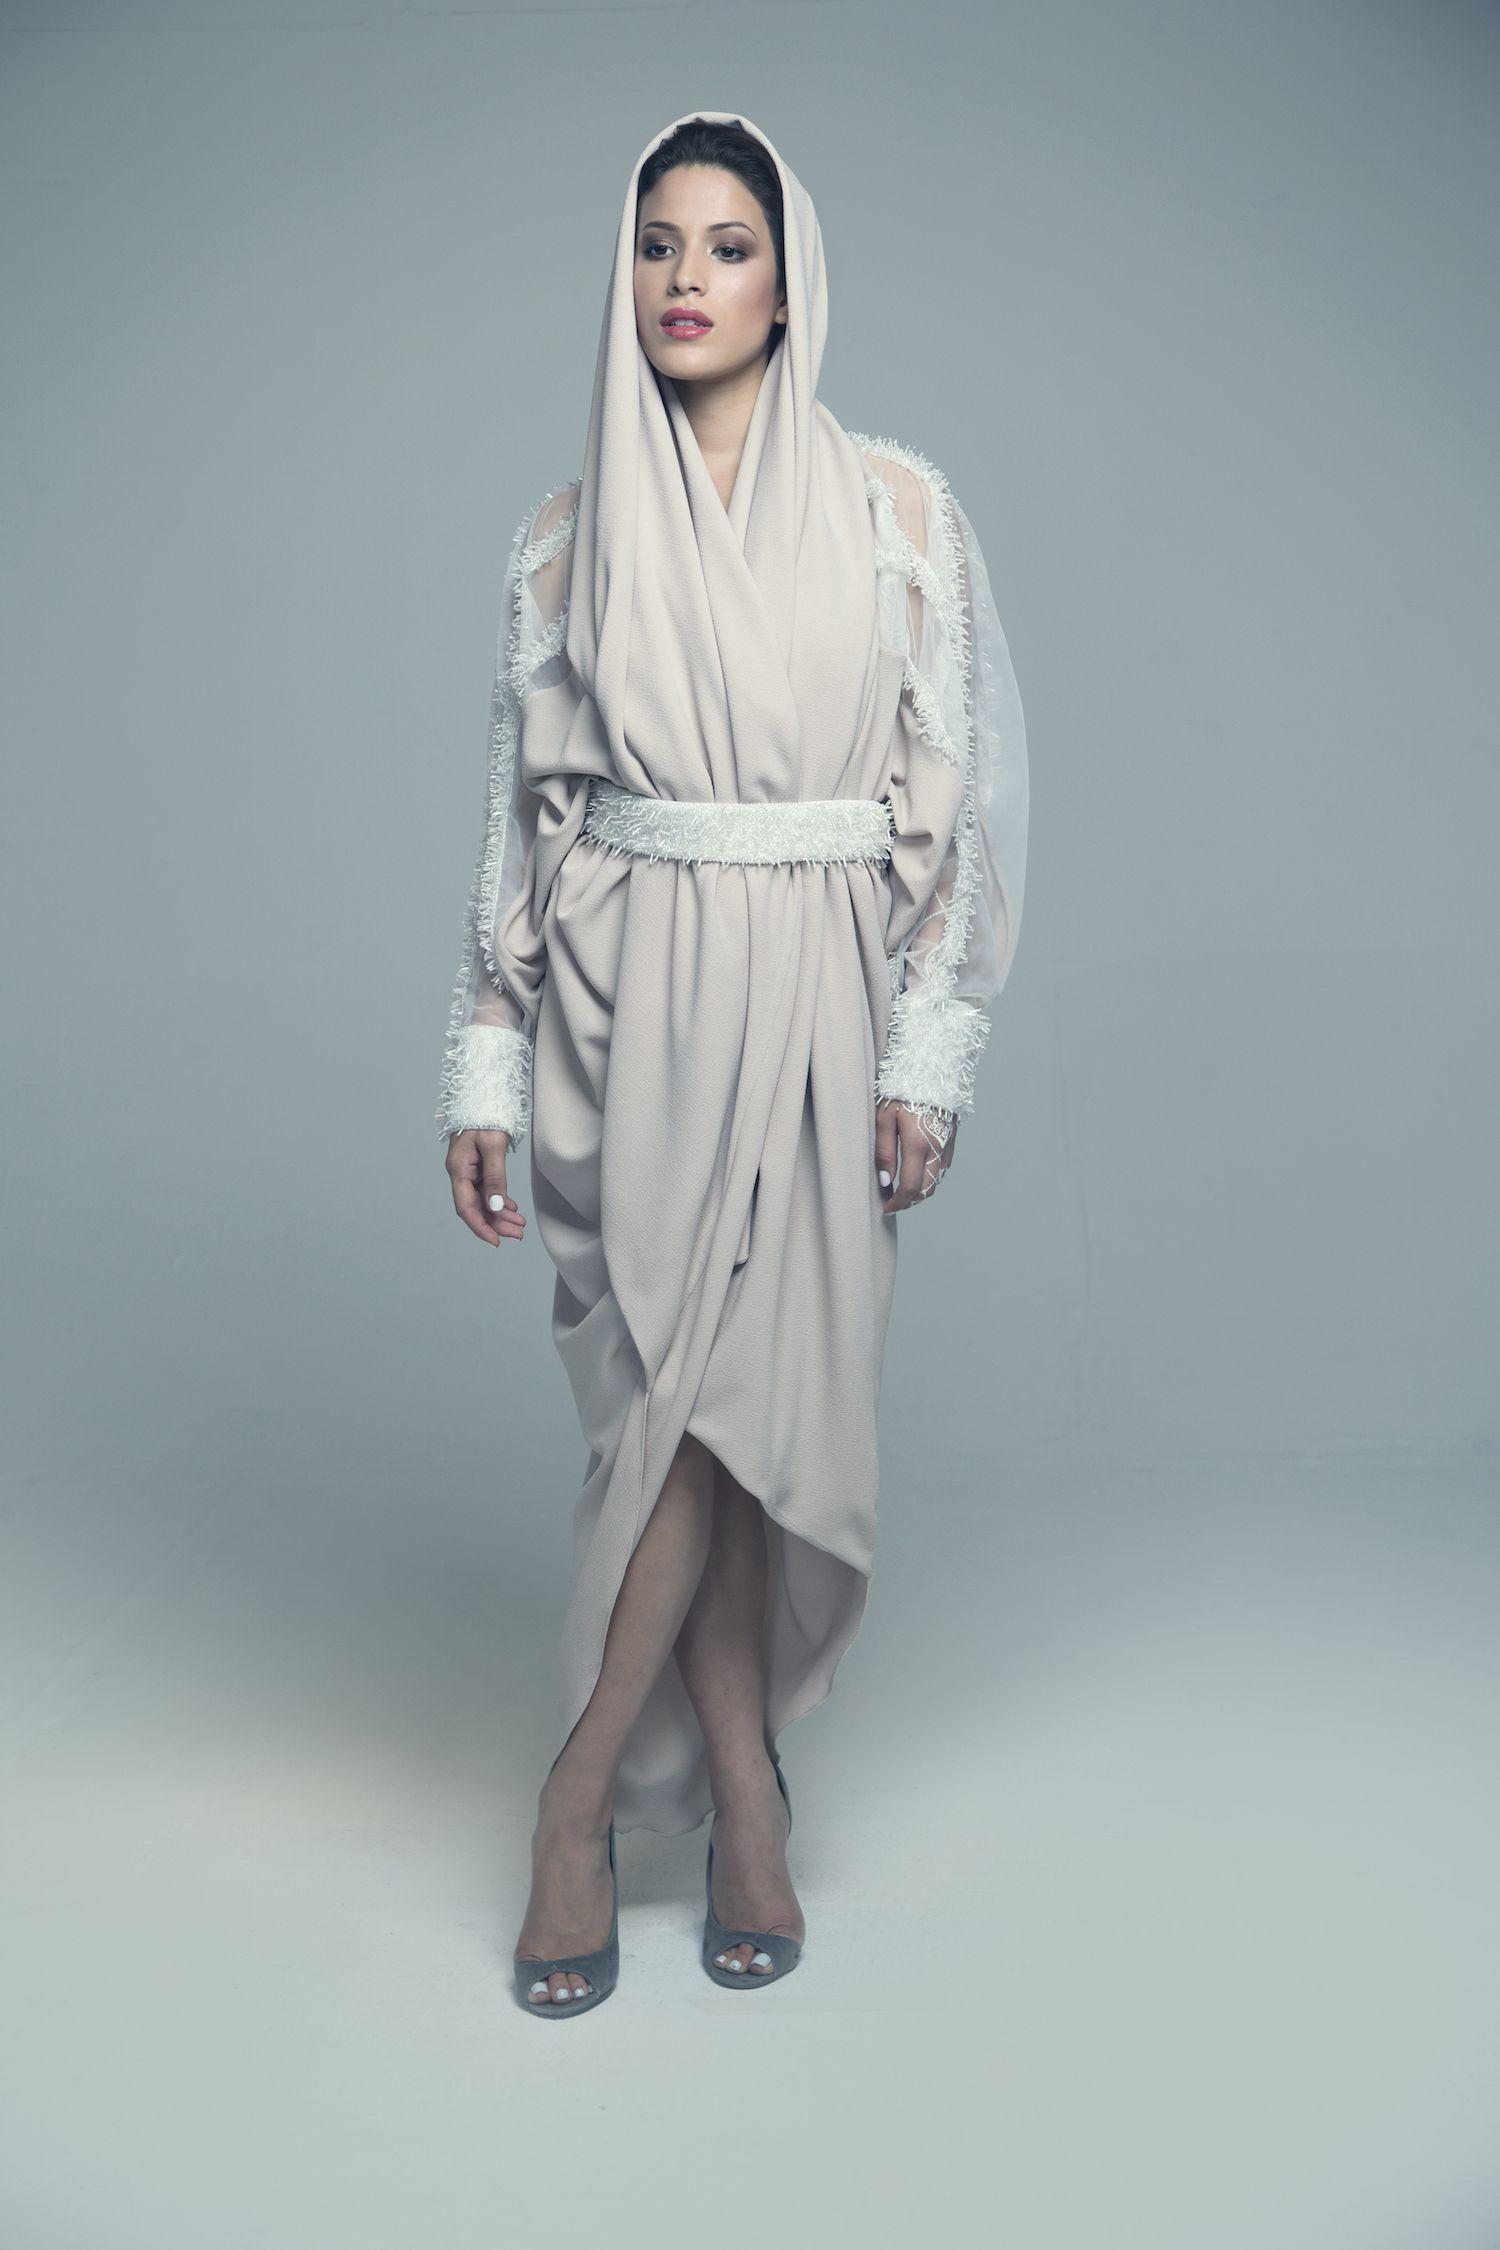 Mashael Alrajhi Fashion Vogue Fashion Fashion Design